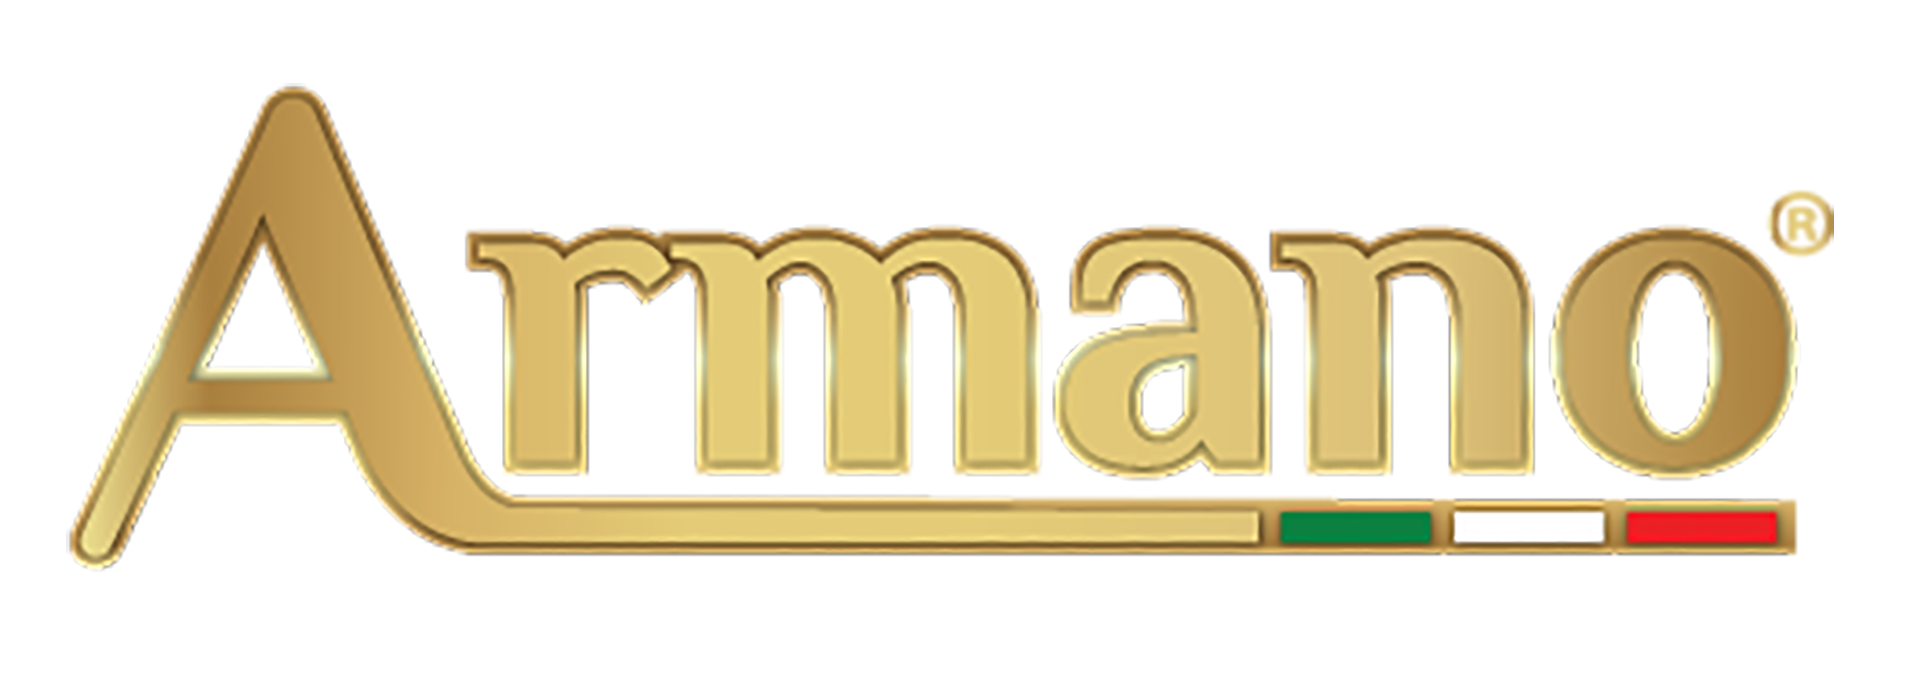 Armano.png